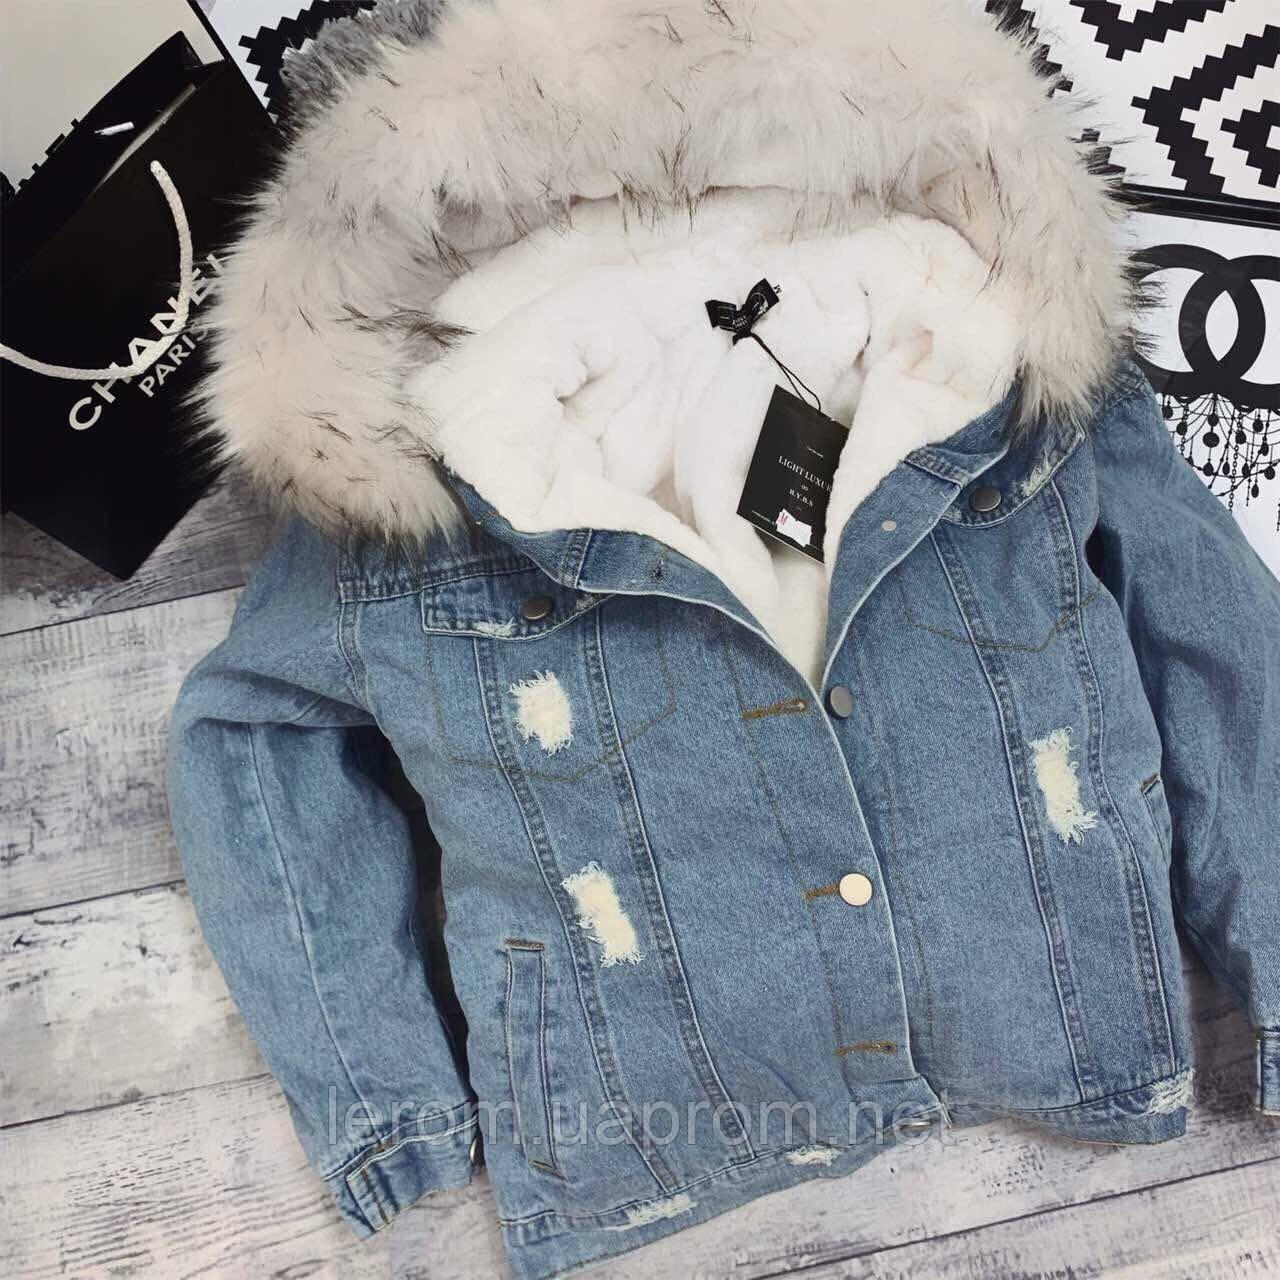 Теплая джинсовая куртка 2019/20 с мехом внутри